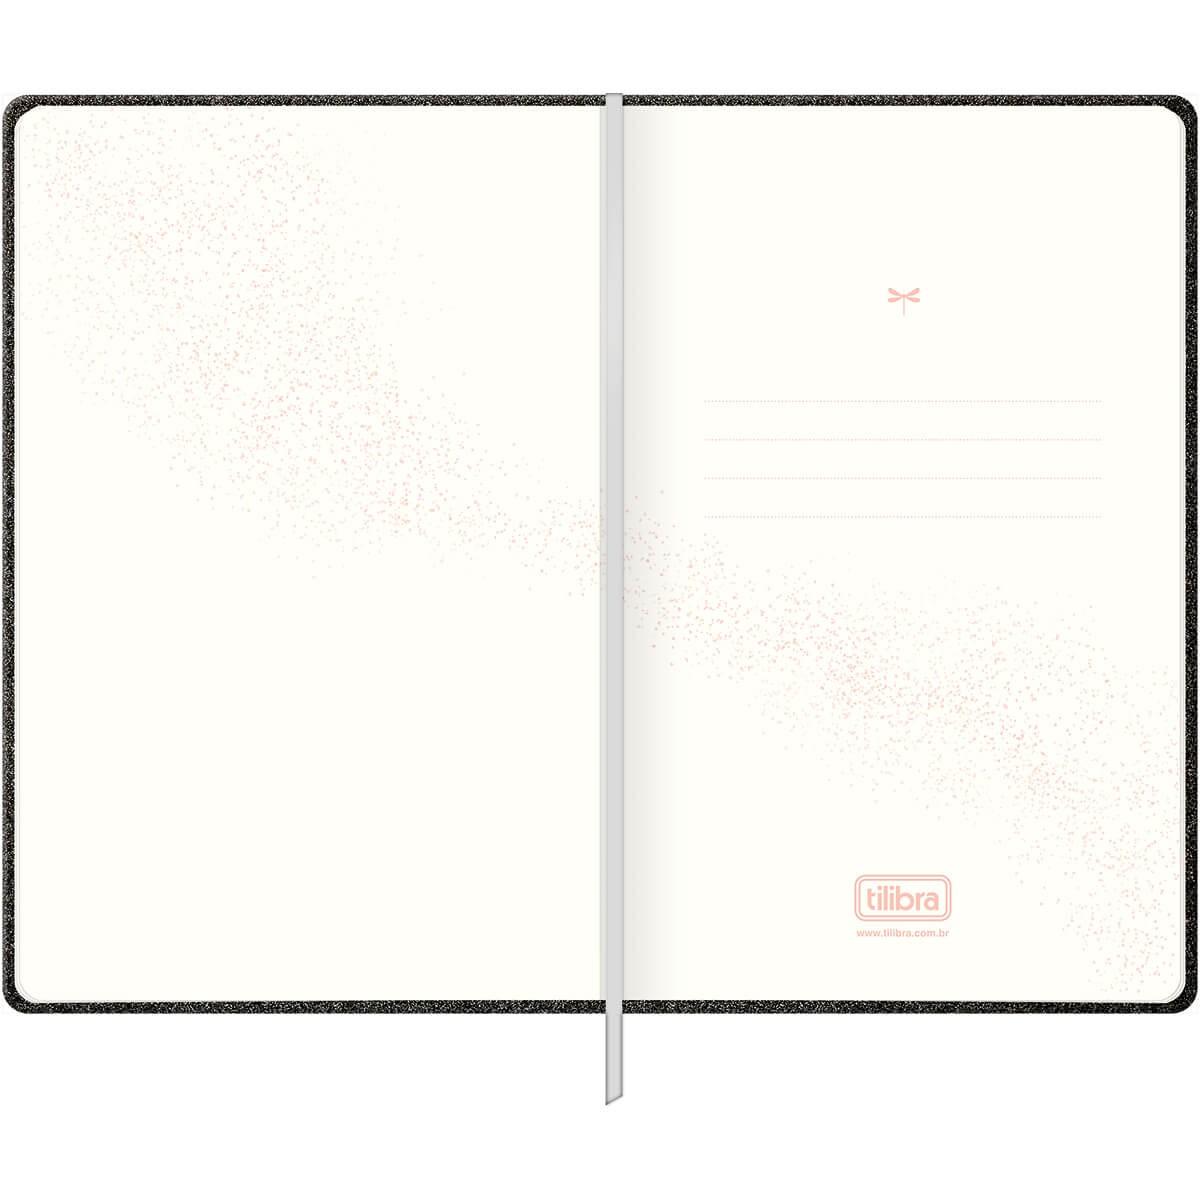 Caderno Executivo Preto sem Pauta Costurado Capa Dura Cambridge Shine 90 Gramas 80 Folhas